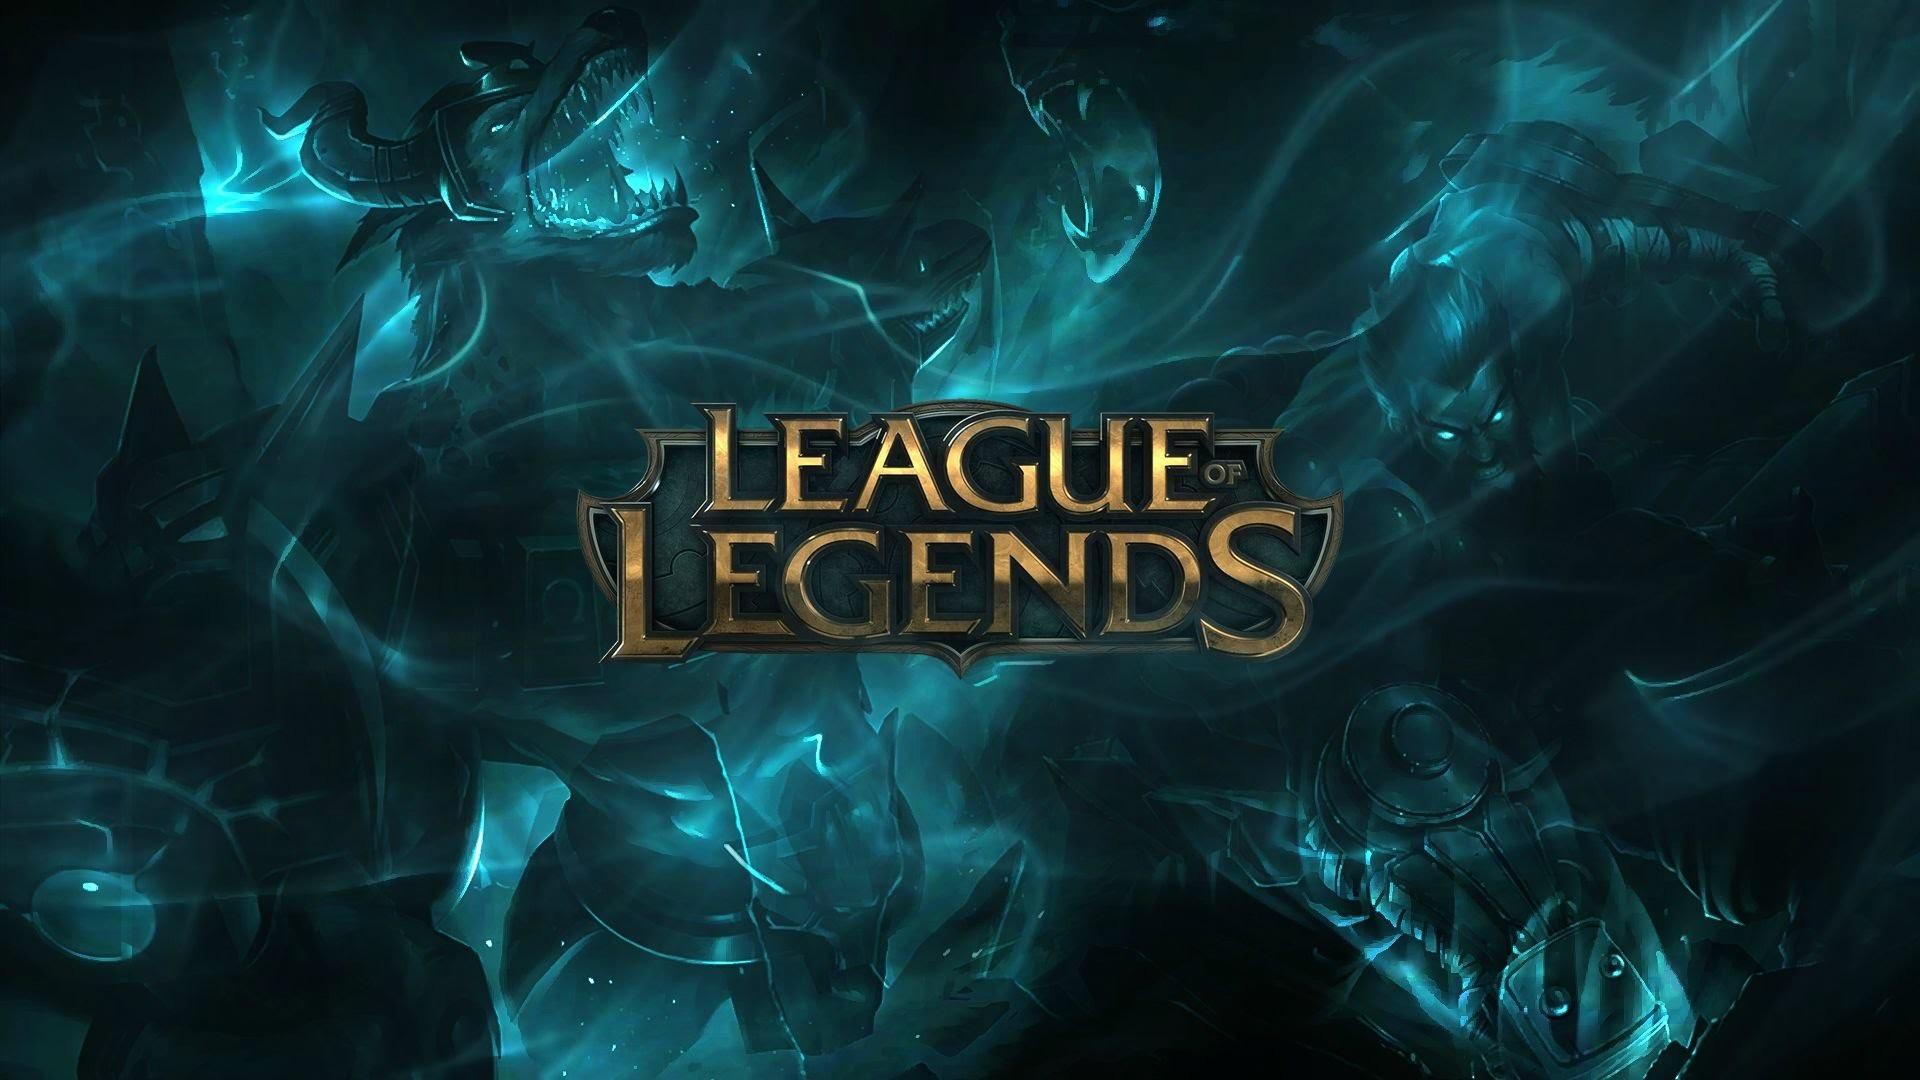 League of Legends Logo Wallpaper (89+ images)